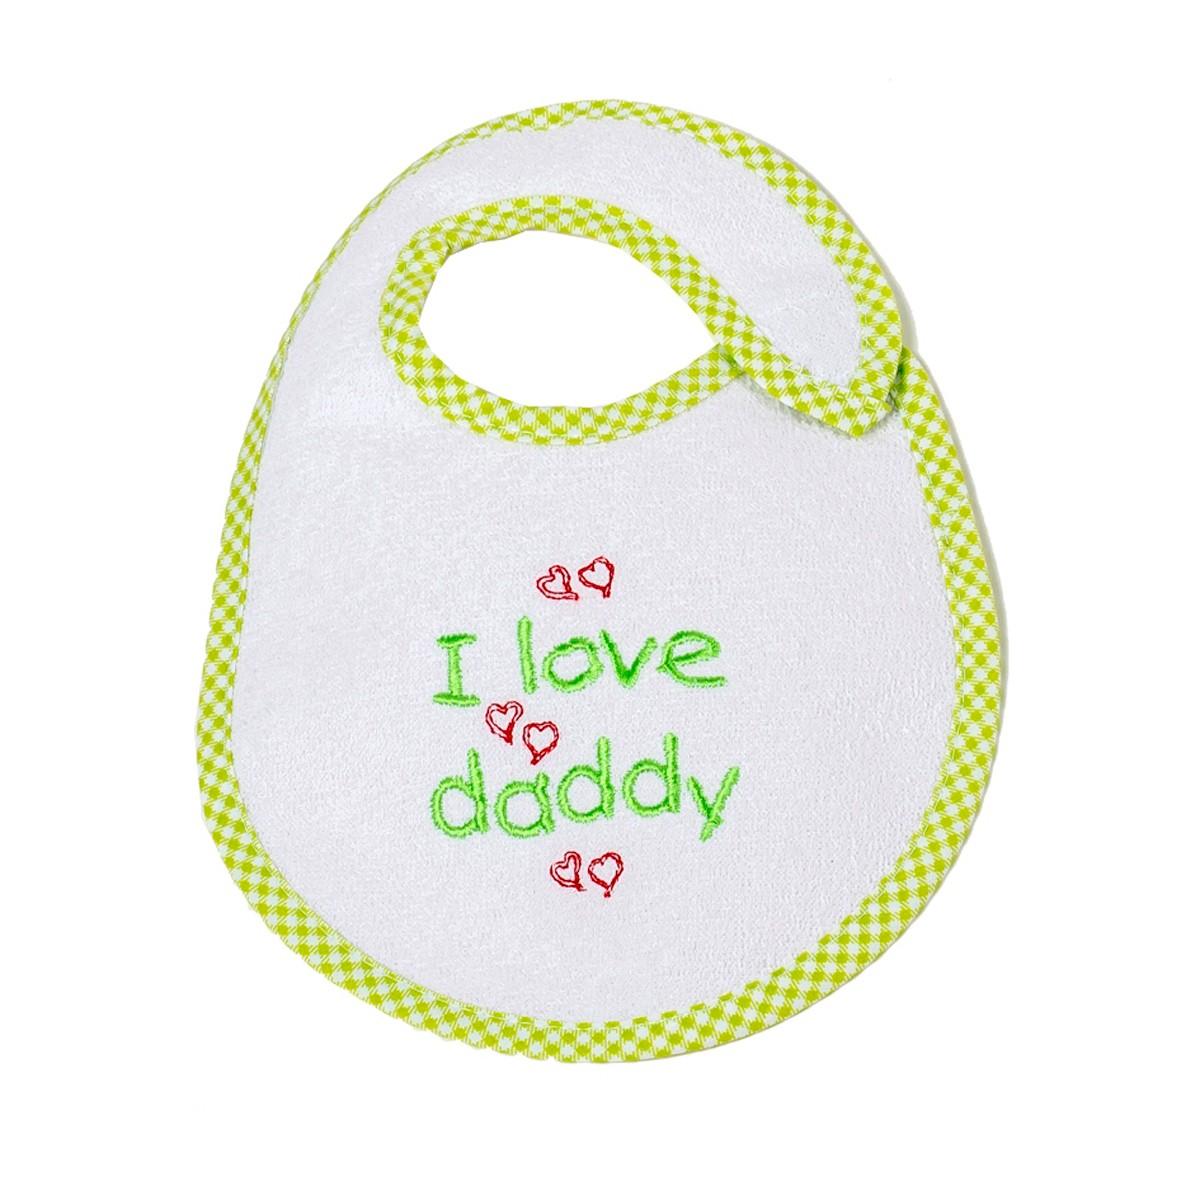 Σαλιάρα Μικρή Κόσμος Του Μωρού Daddy 0606 Λαχανί